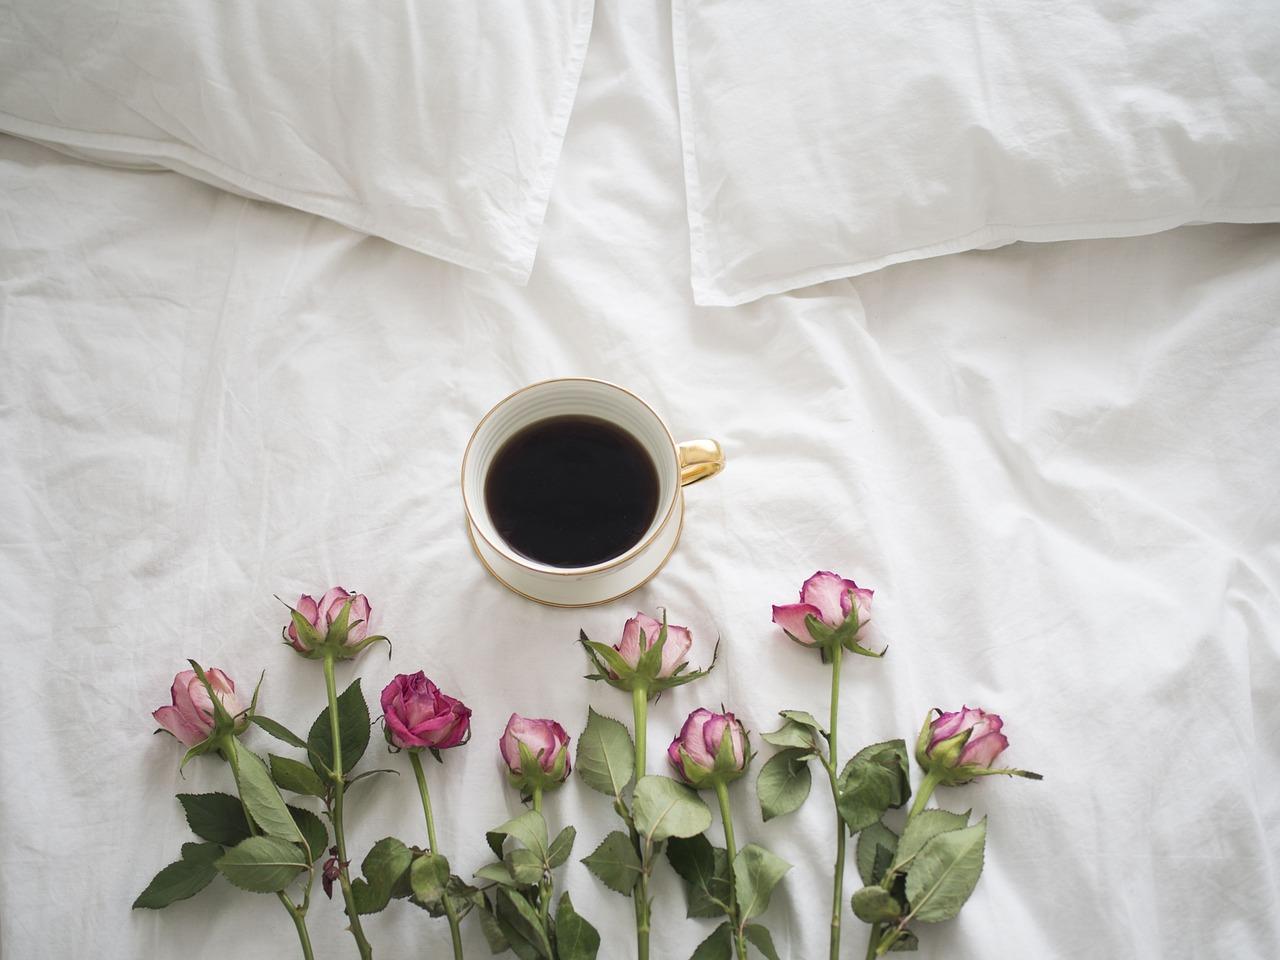 無印良品ベッド用マットレスの選び方|機能性抜群のおすすめ商品とは